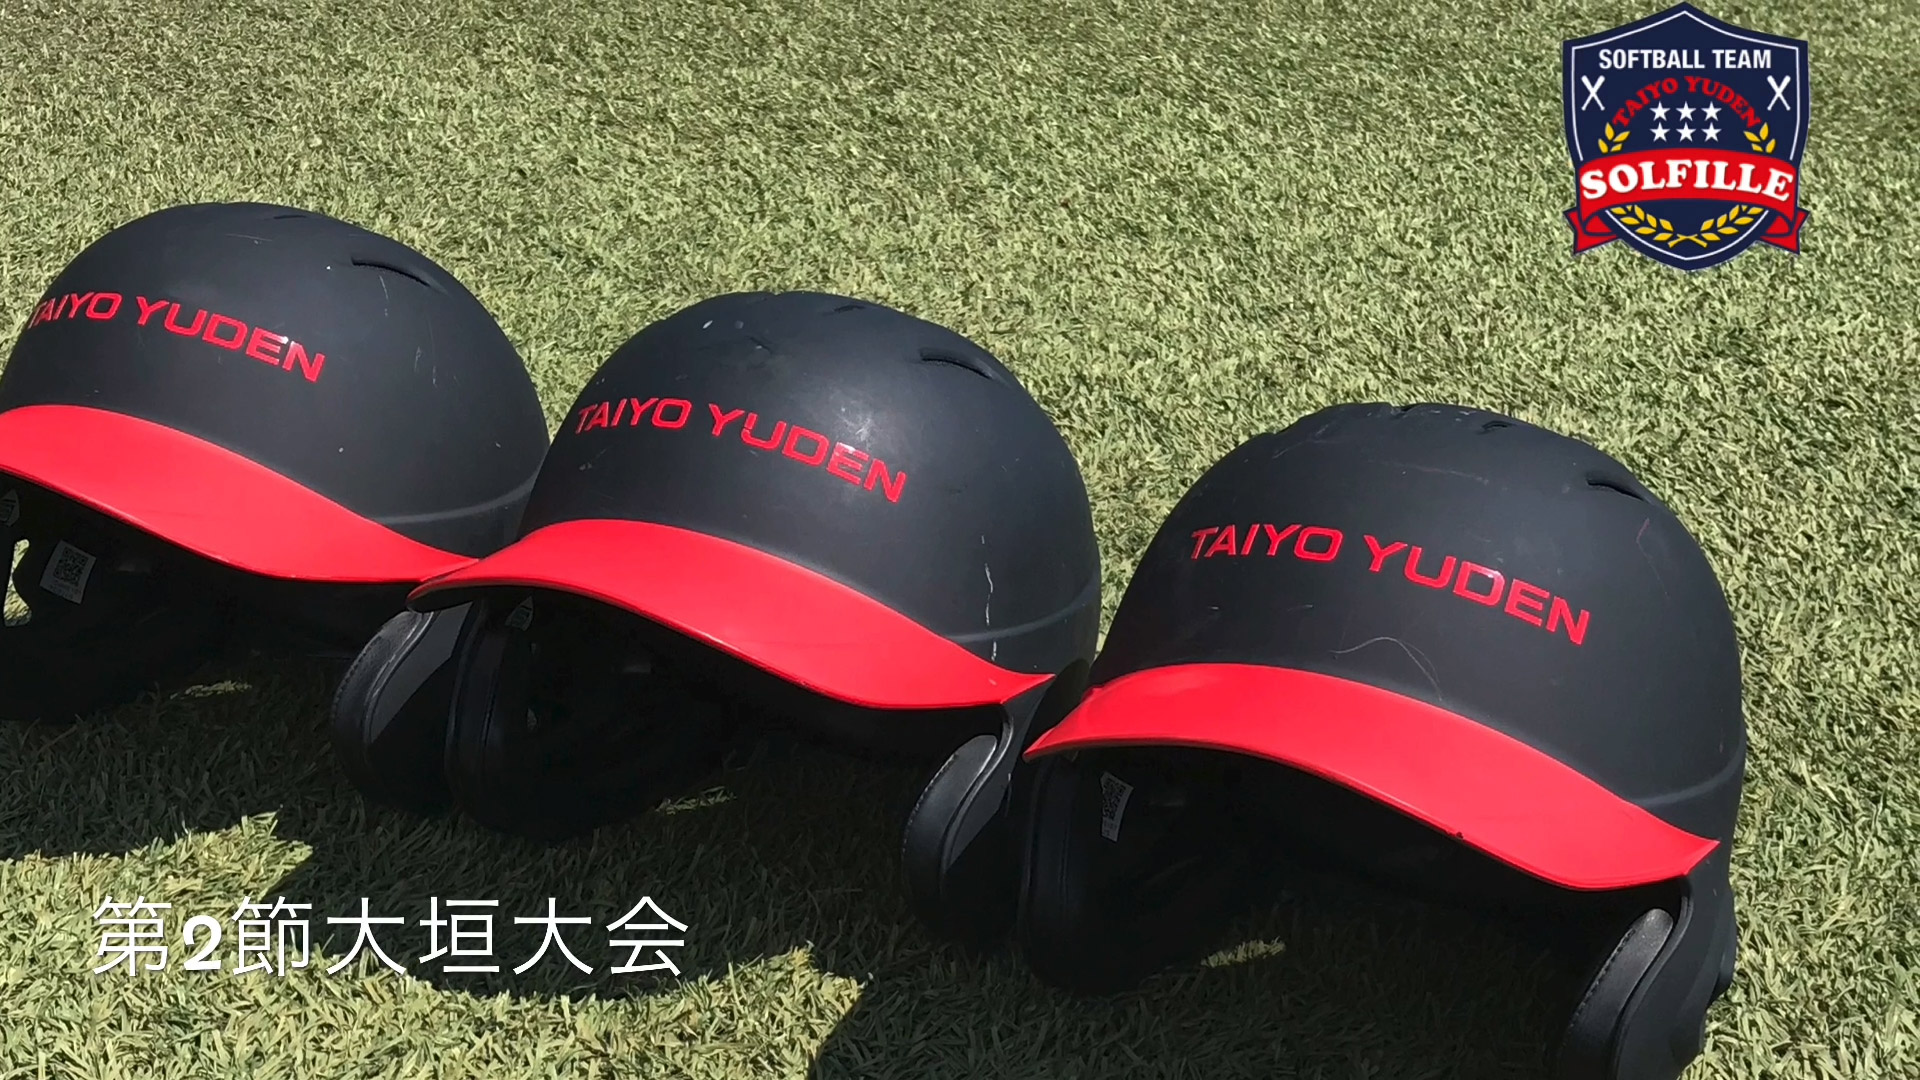 【太陽誘電ソルフィーユ】2021日本女子ソフトボールリーグ1部 第2節大垣大会案内